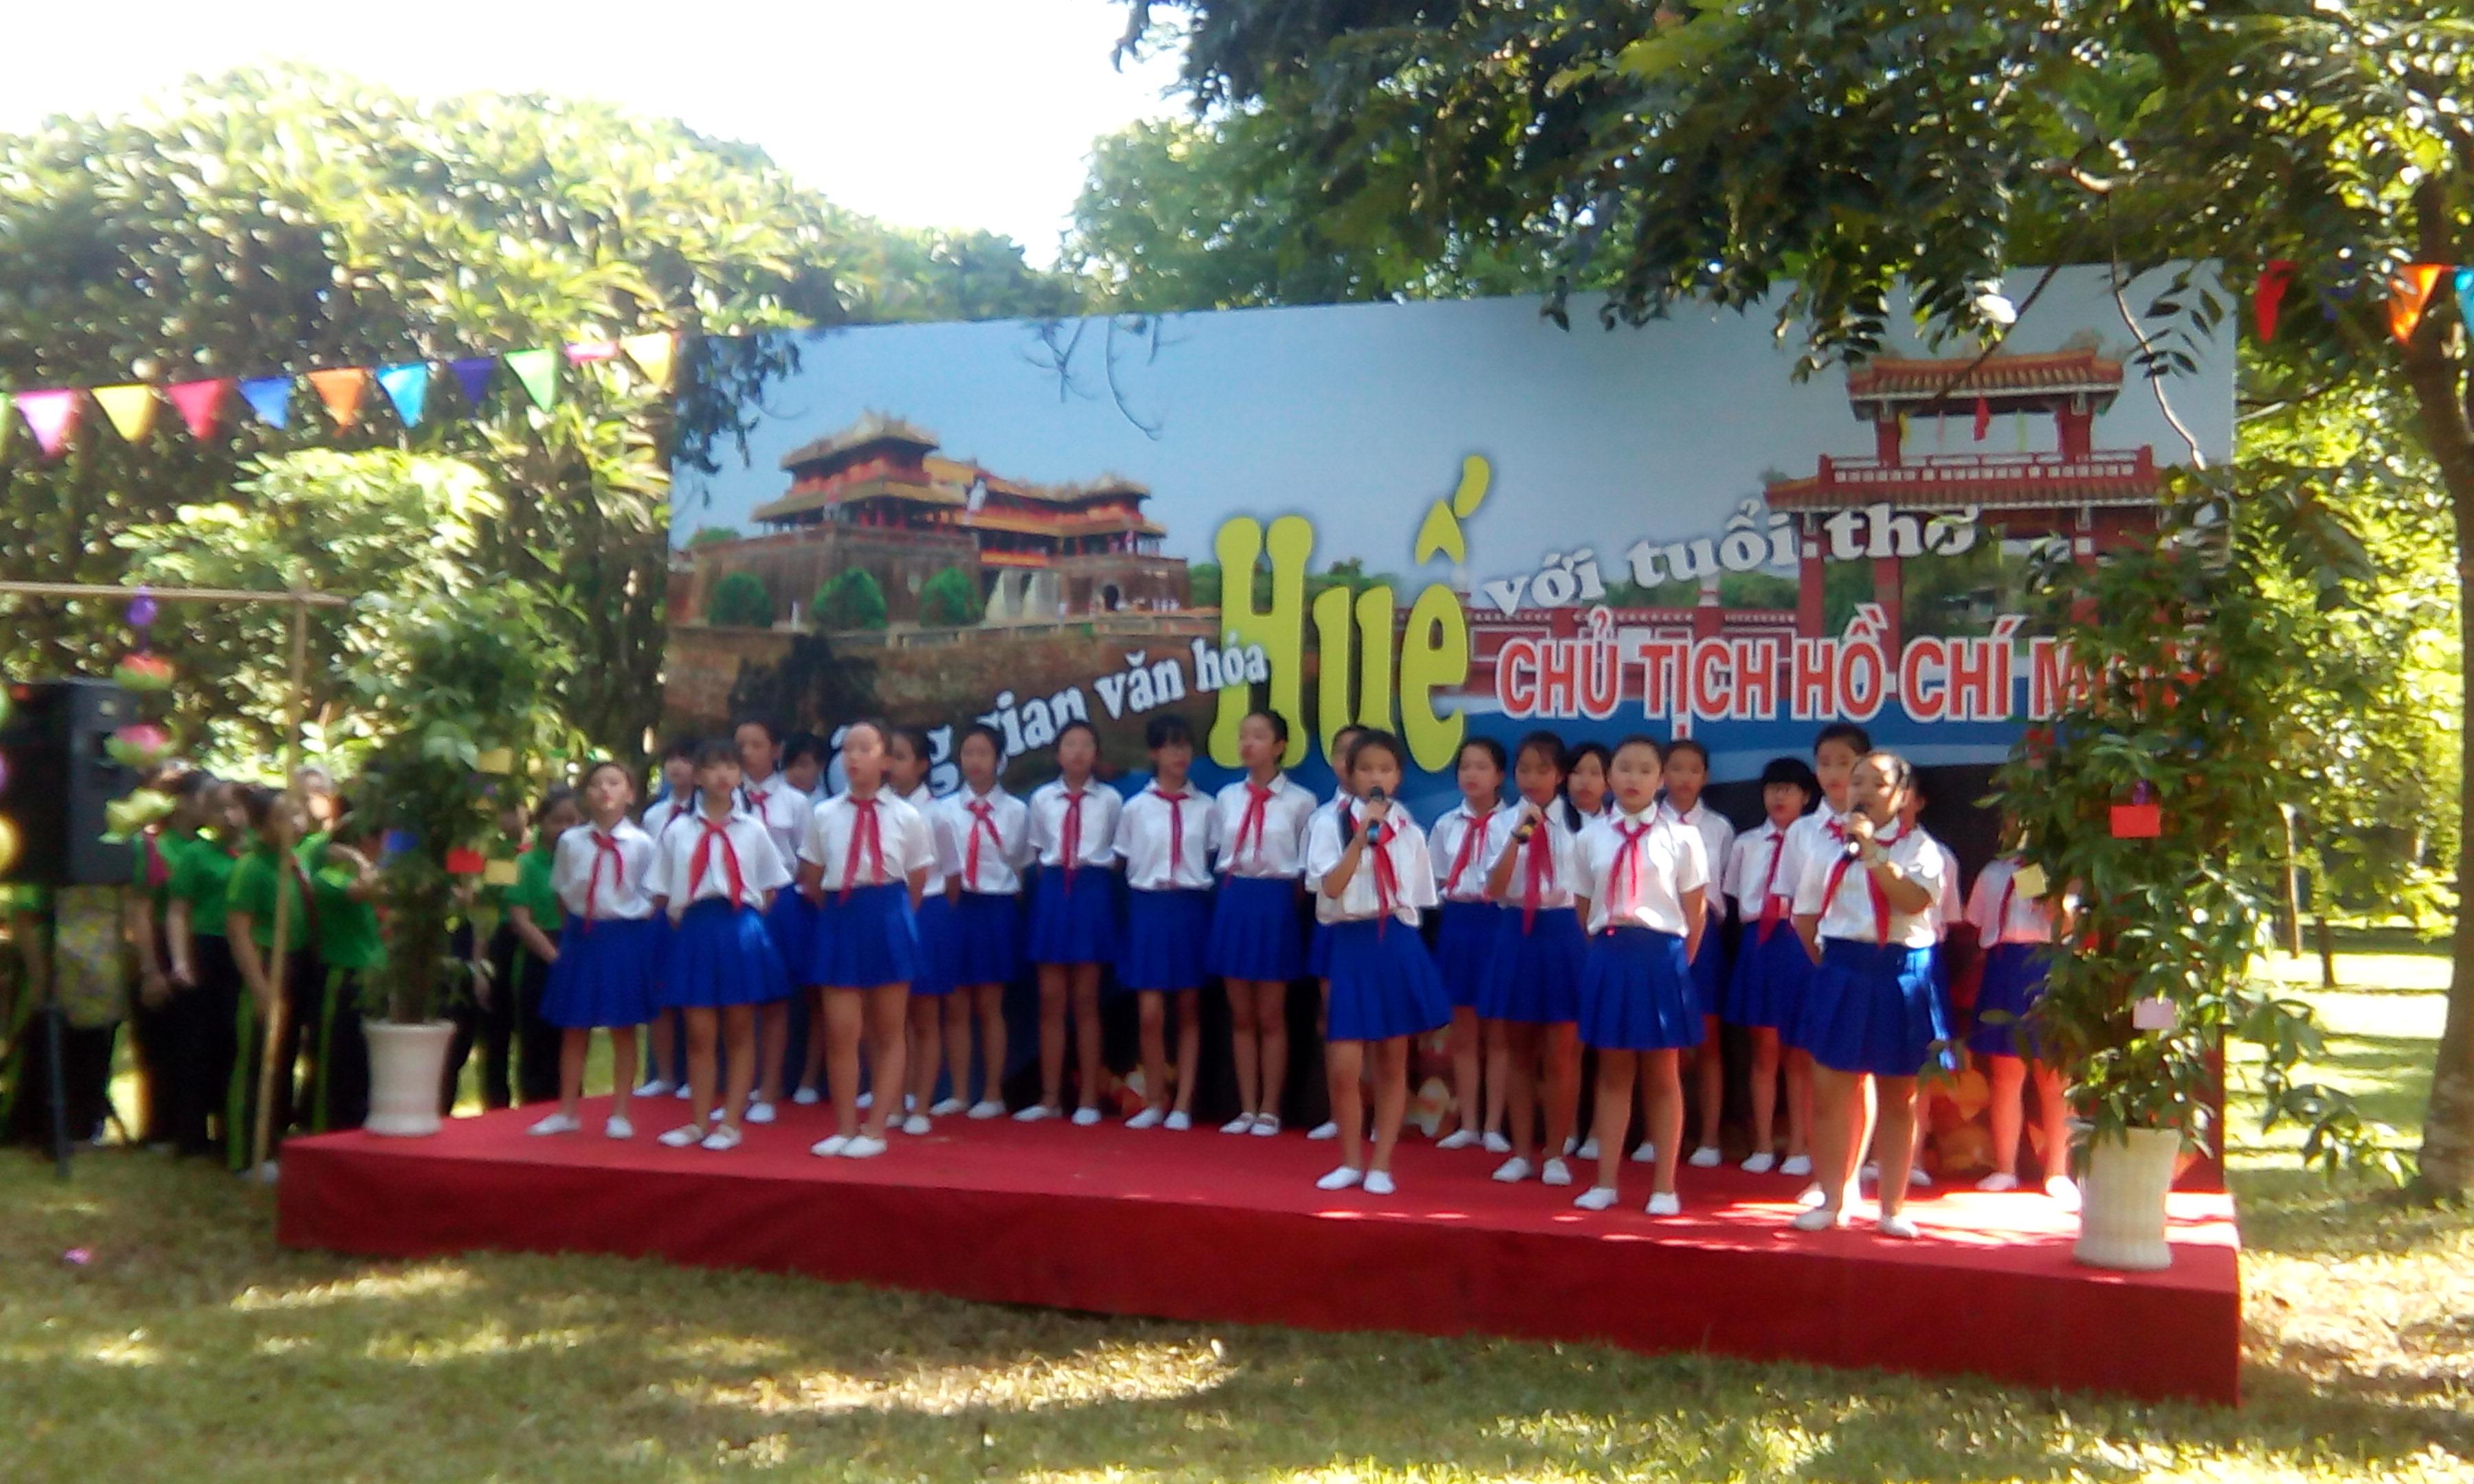 Không gian văn hóa Huế với tuổi thơ Chủ tịch Hồ Chí Minh